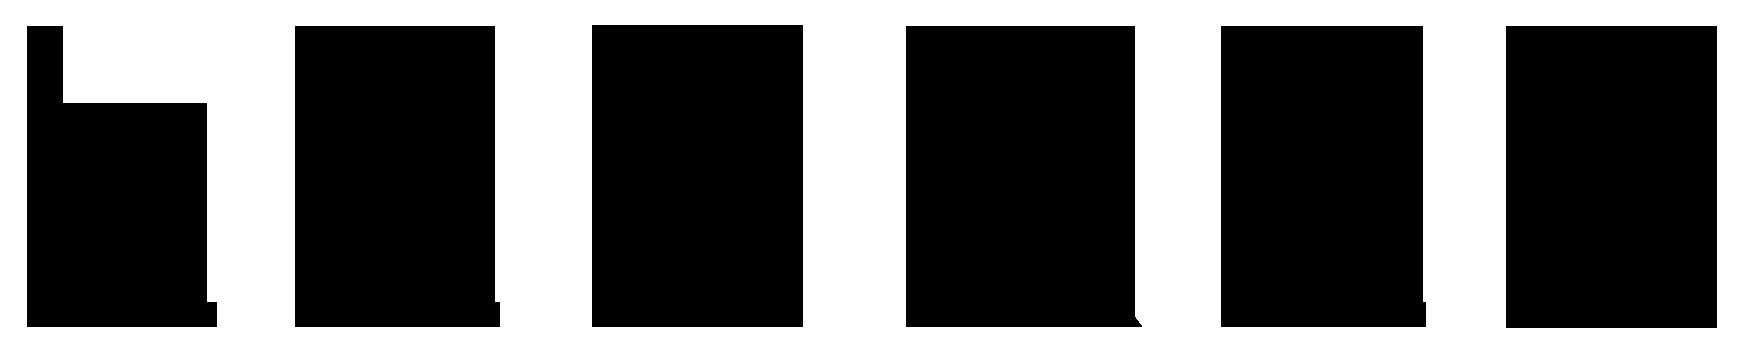 mustavaaka